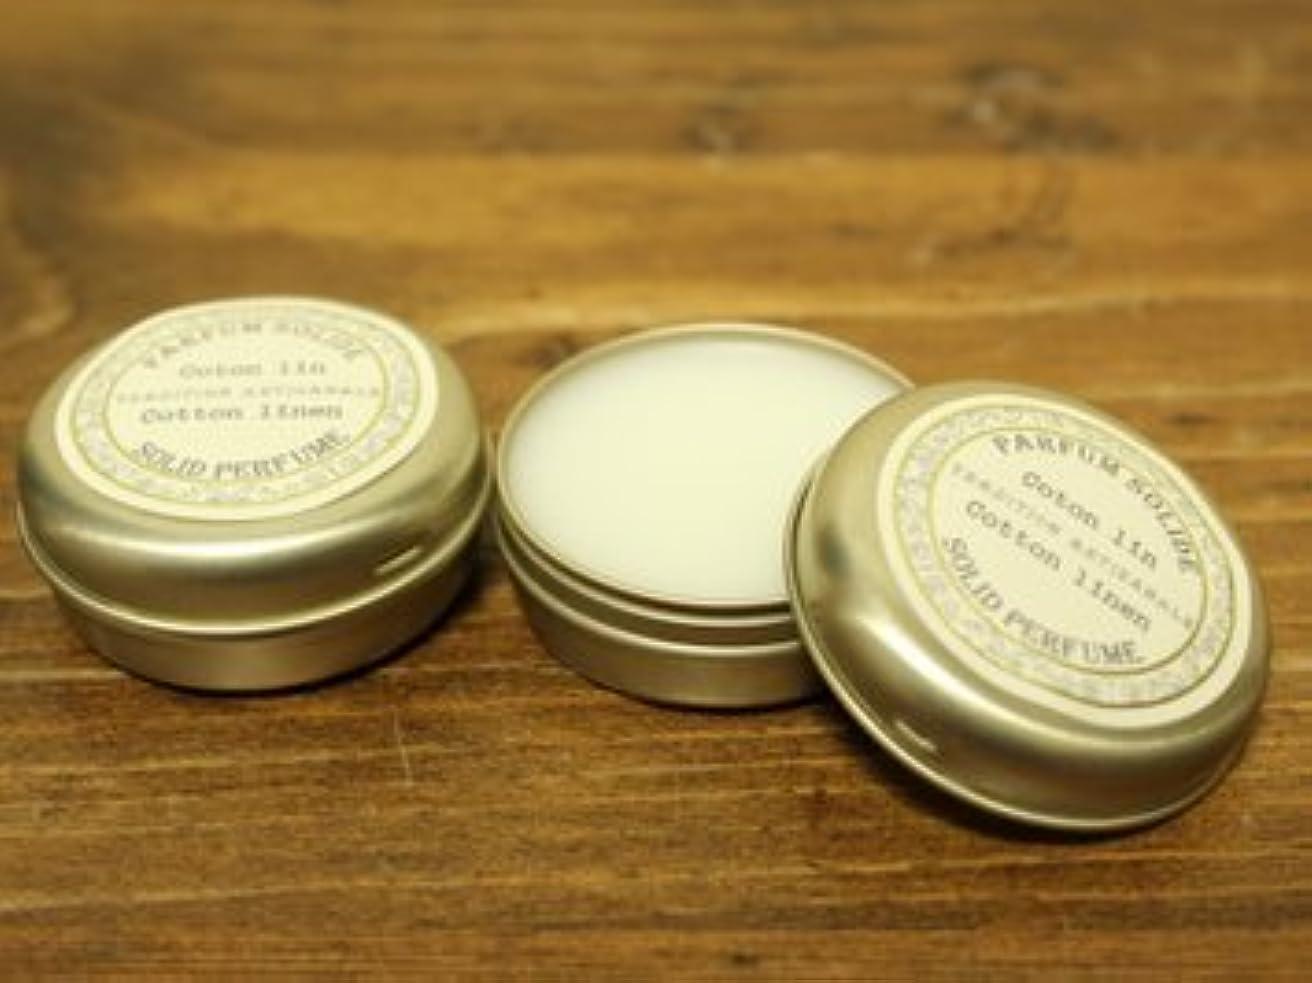 流行している一貫性のない喉が渇いたSenteur et Beaute(サンタールエボーテ) フレンチクラシックシリーズ 練り香水 10g 「コットンリネン」 4994228023056